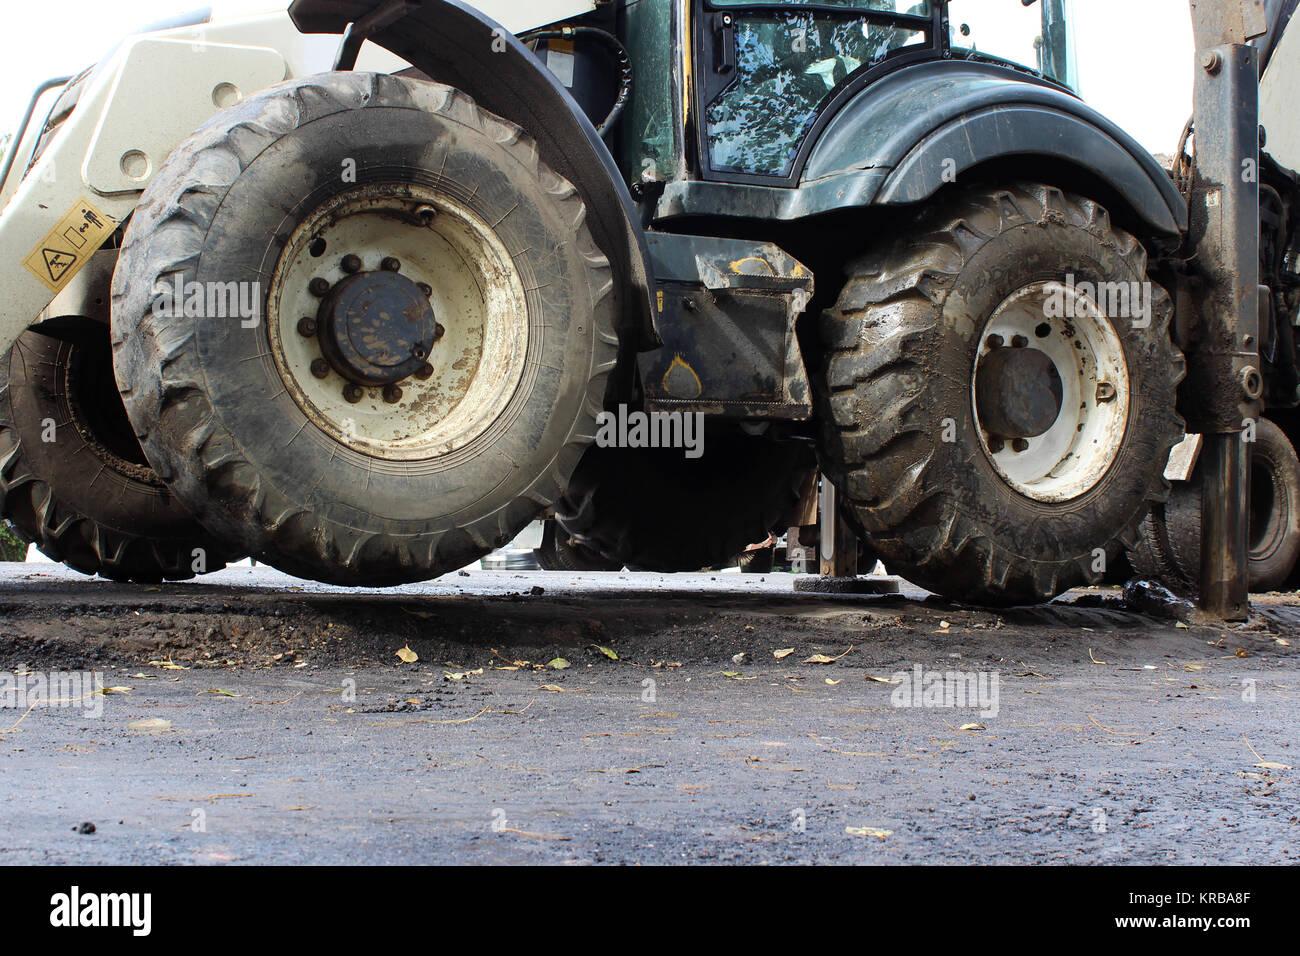 Lkw starke Outrigger Stabilisierung Beine erweitert. Traktor auf erweiterte Stützen für bessere Stabilität, Stockbild